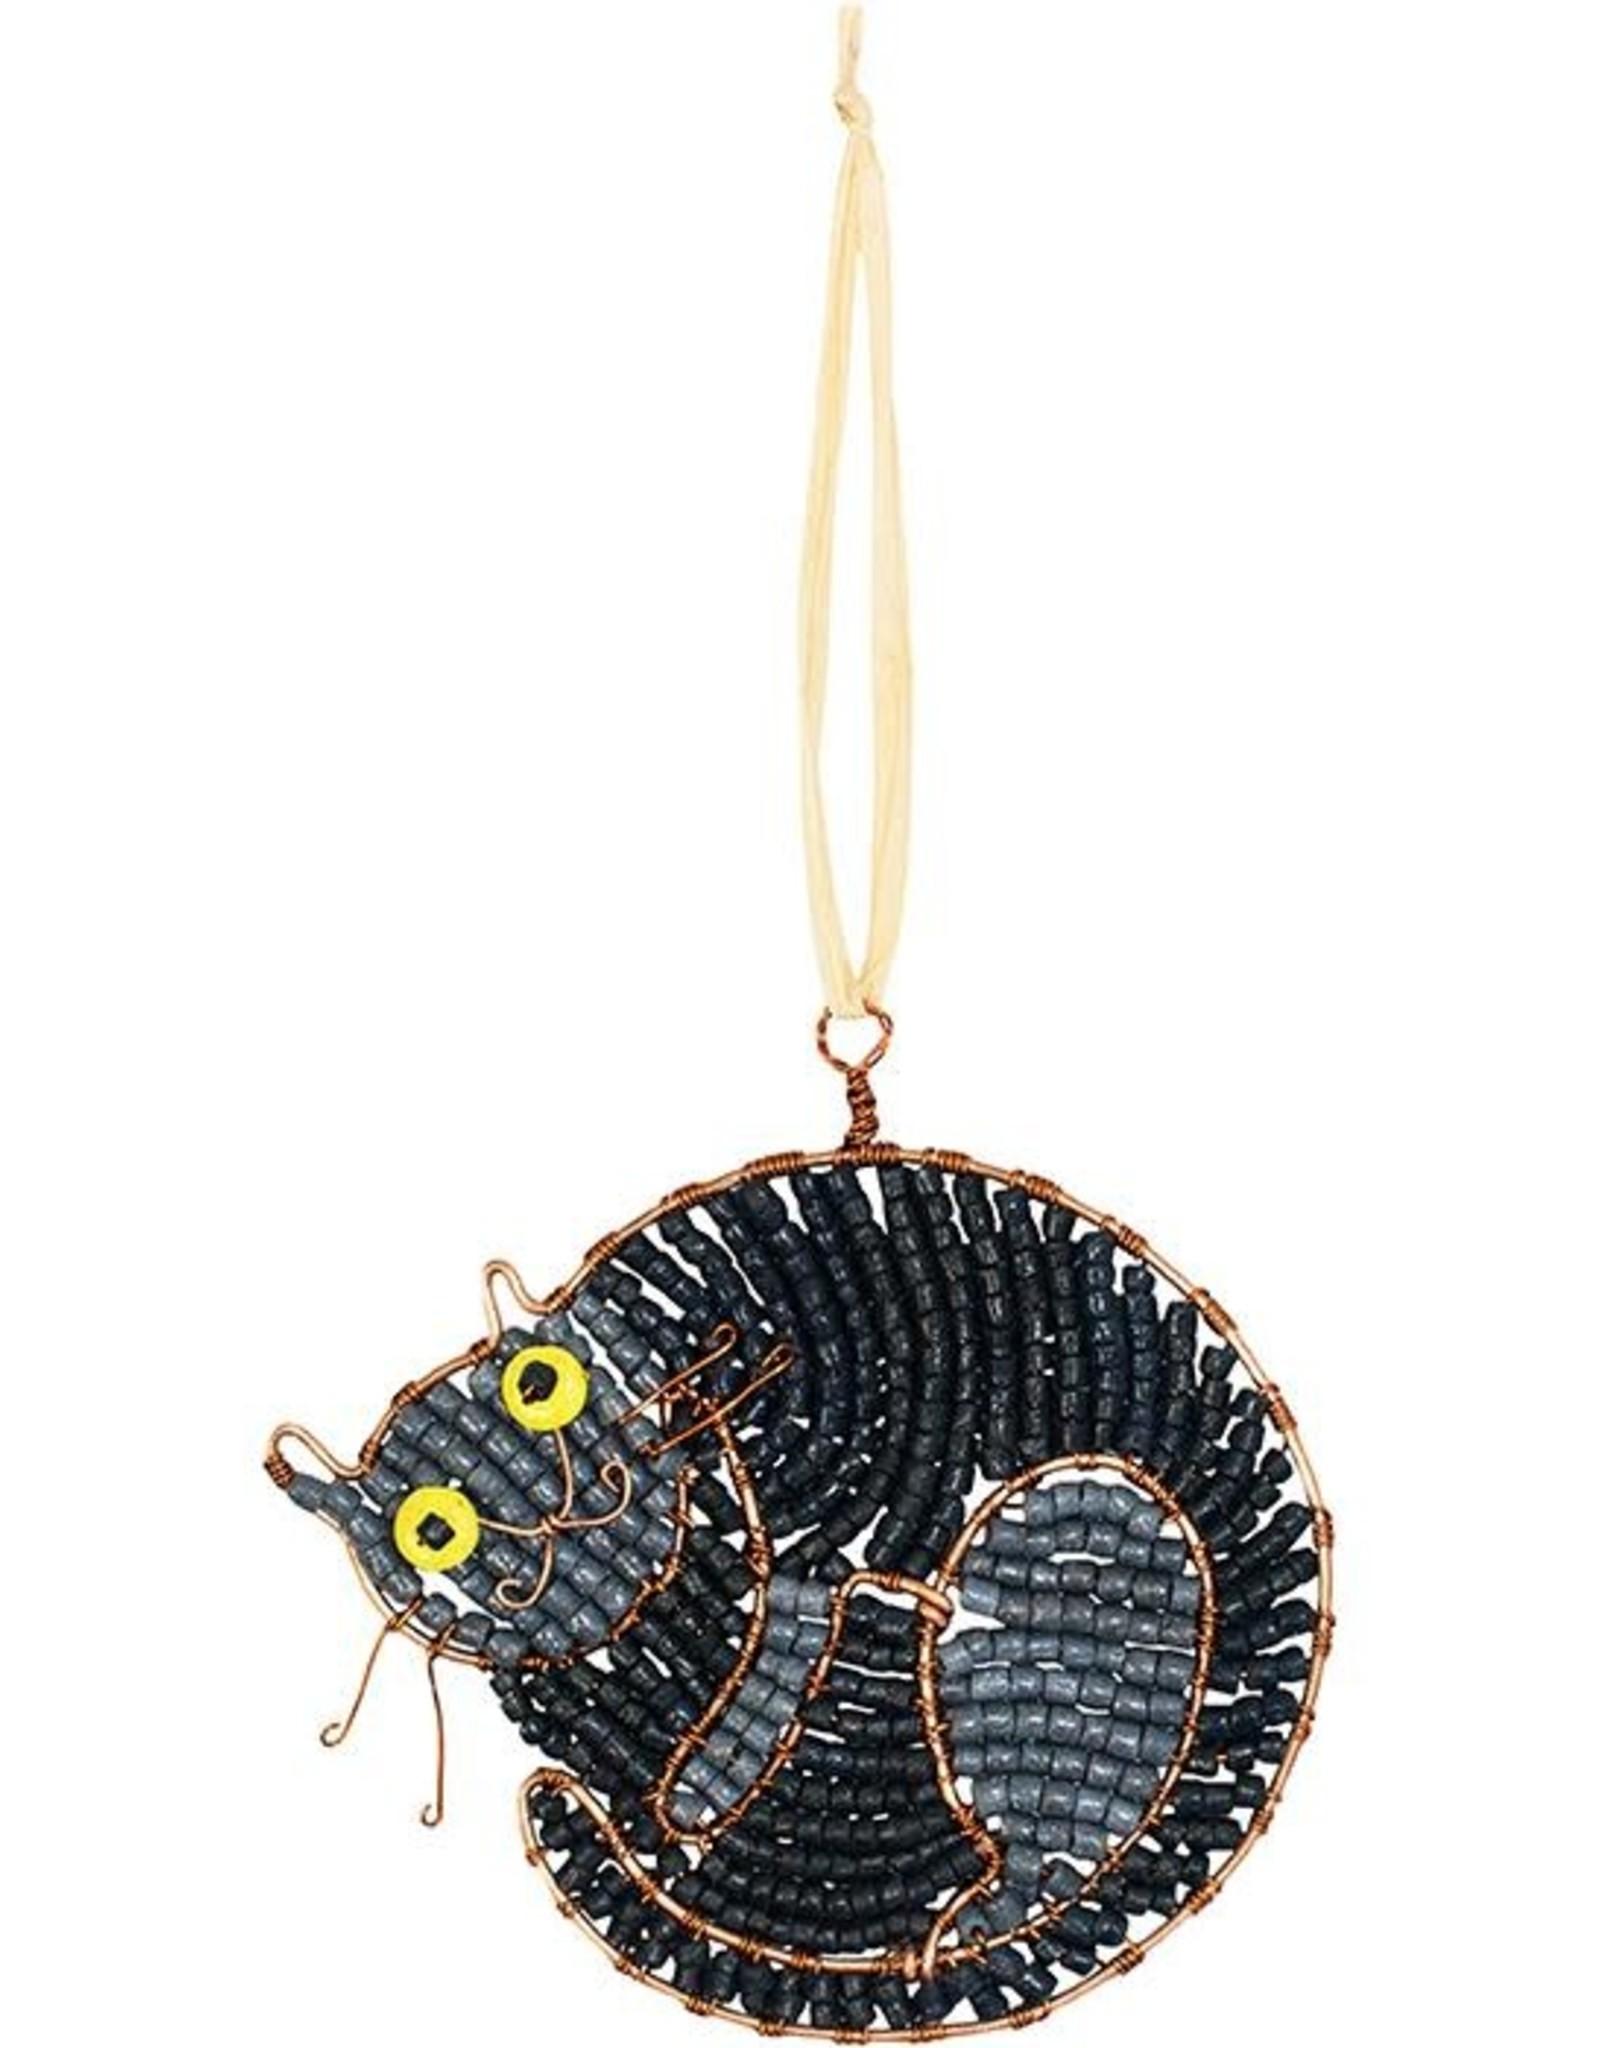 Global Mamas Beaded Sleeping Black Cat Ornament